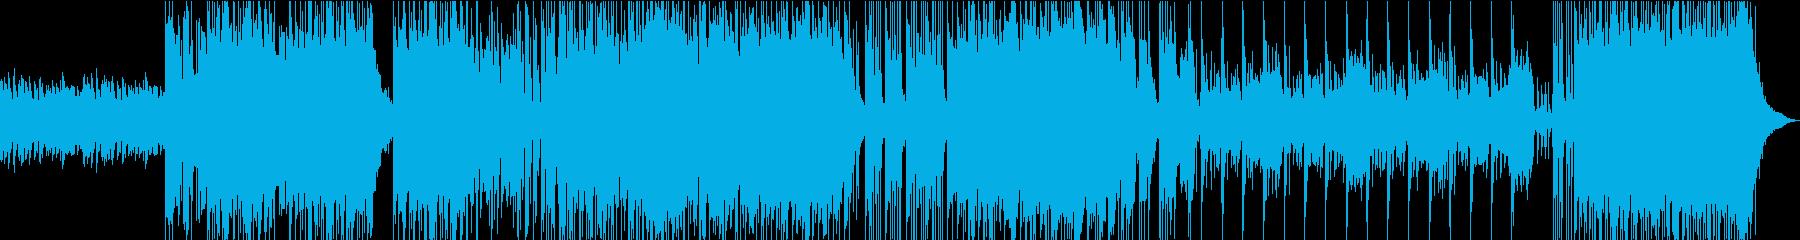 ポップな和太鼓の再生済みの波形